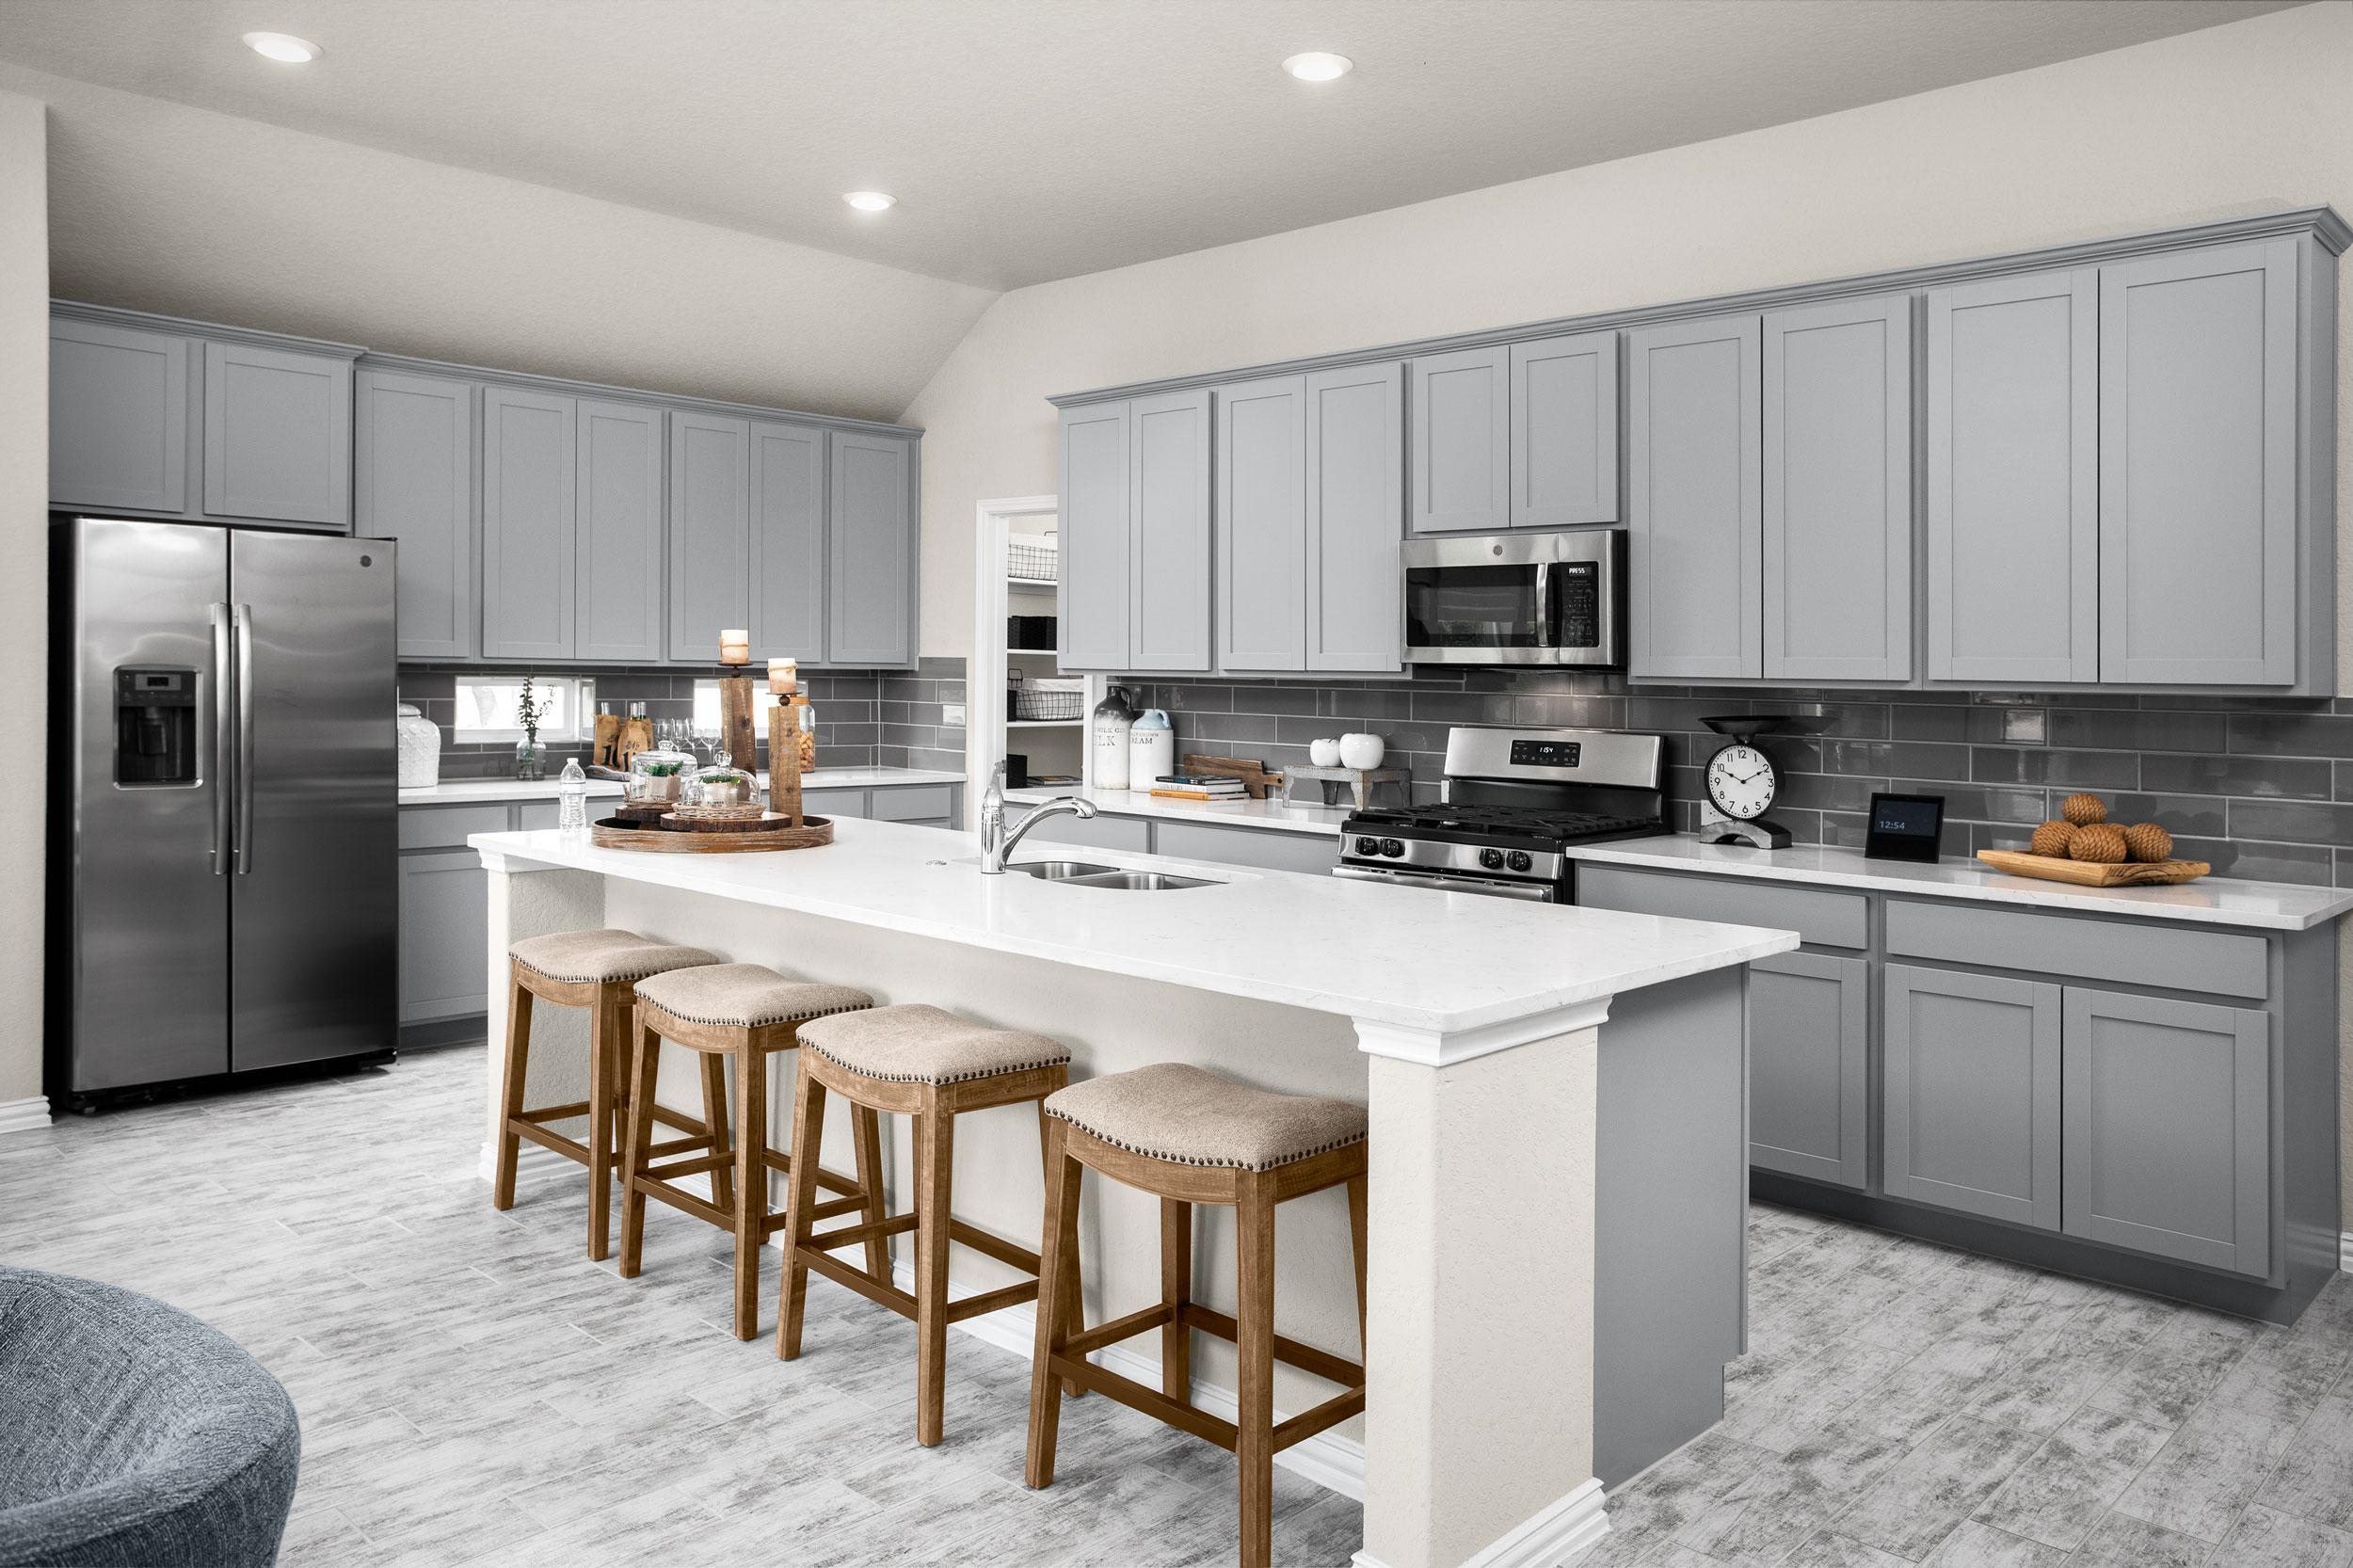 kitchen-design-white-countertops.jpg